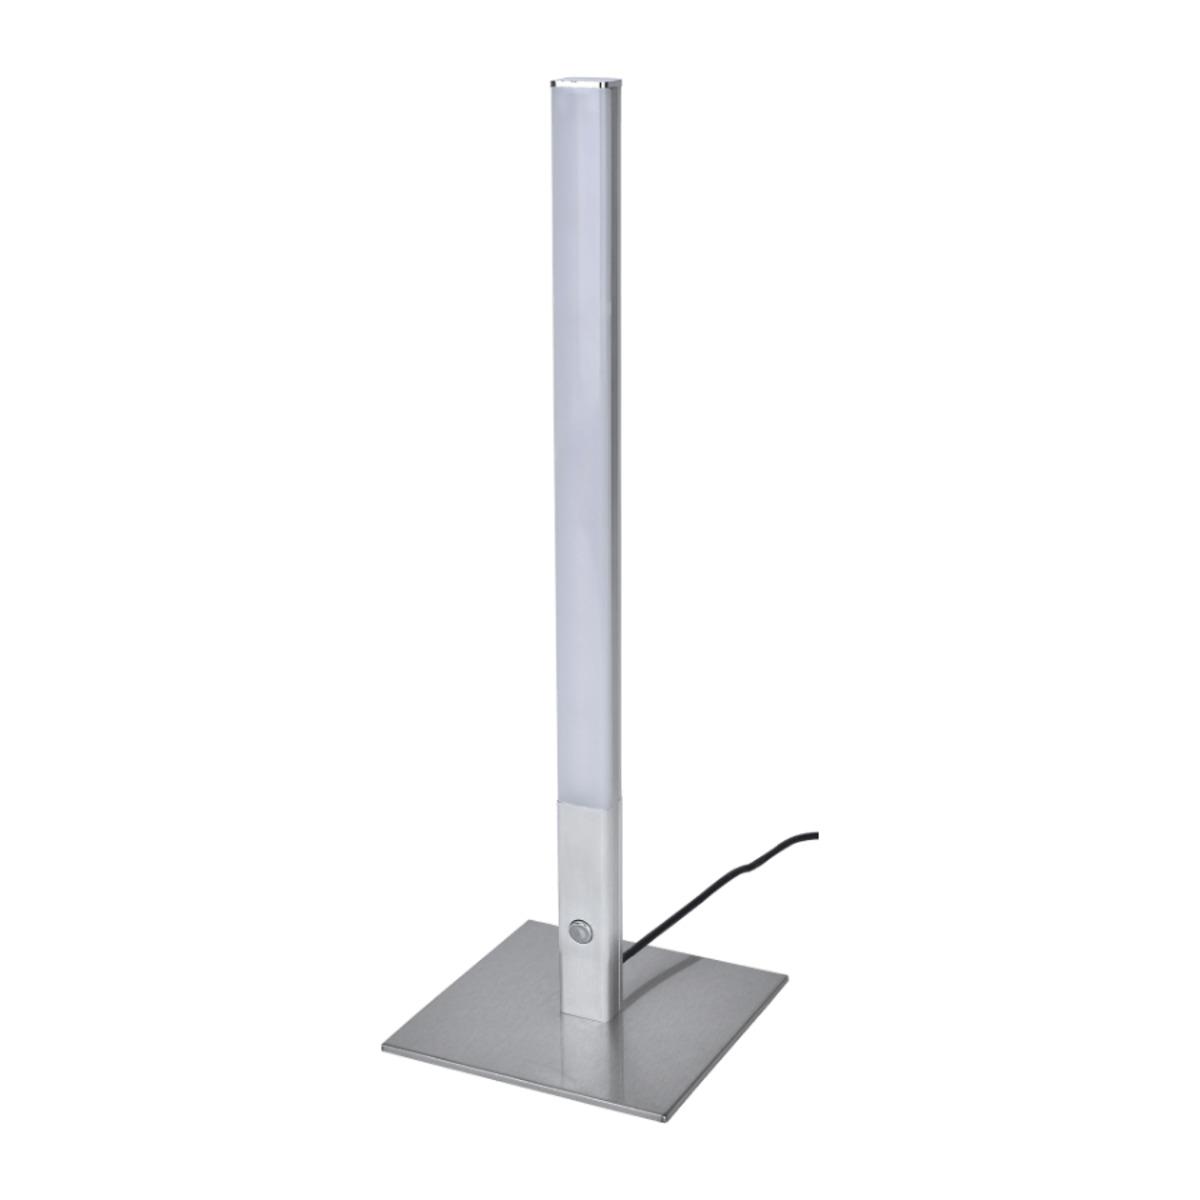 Bild 4 von LIGHTZONE     LED-Tischleuchte